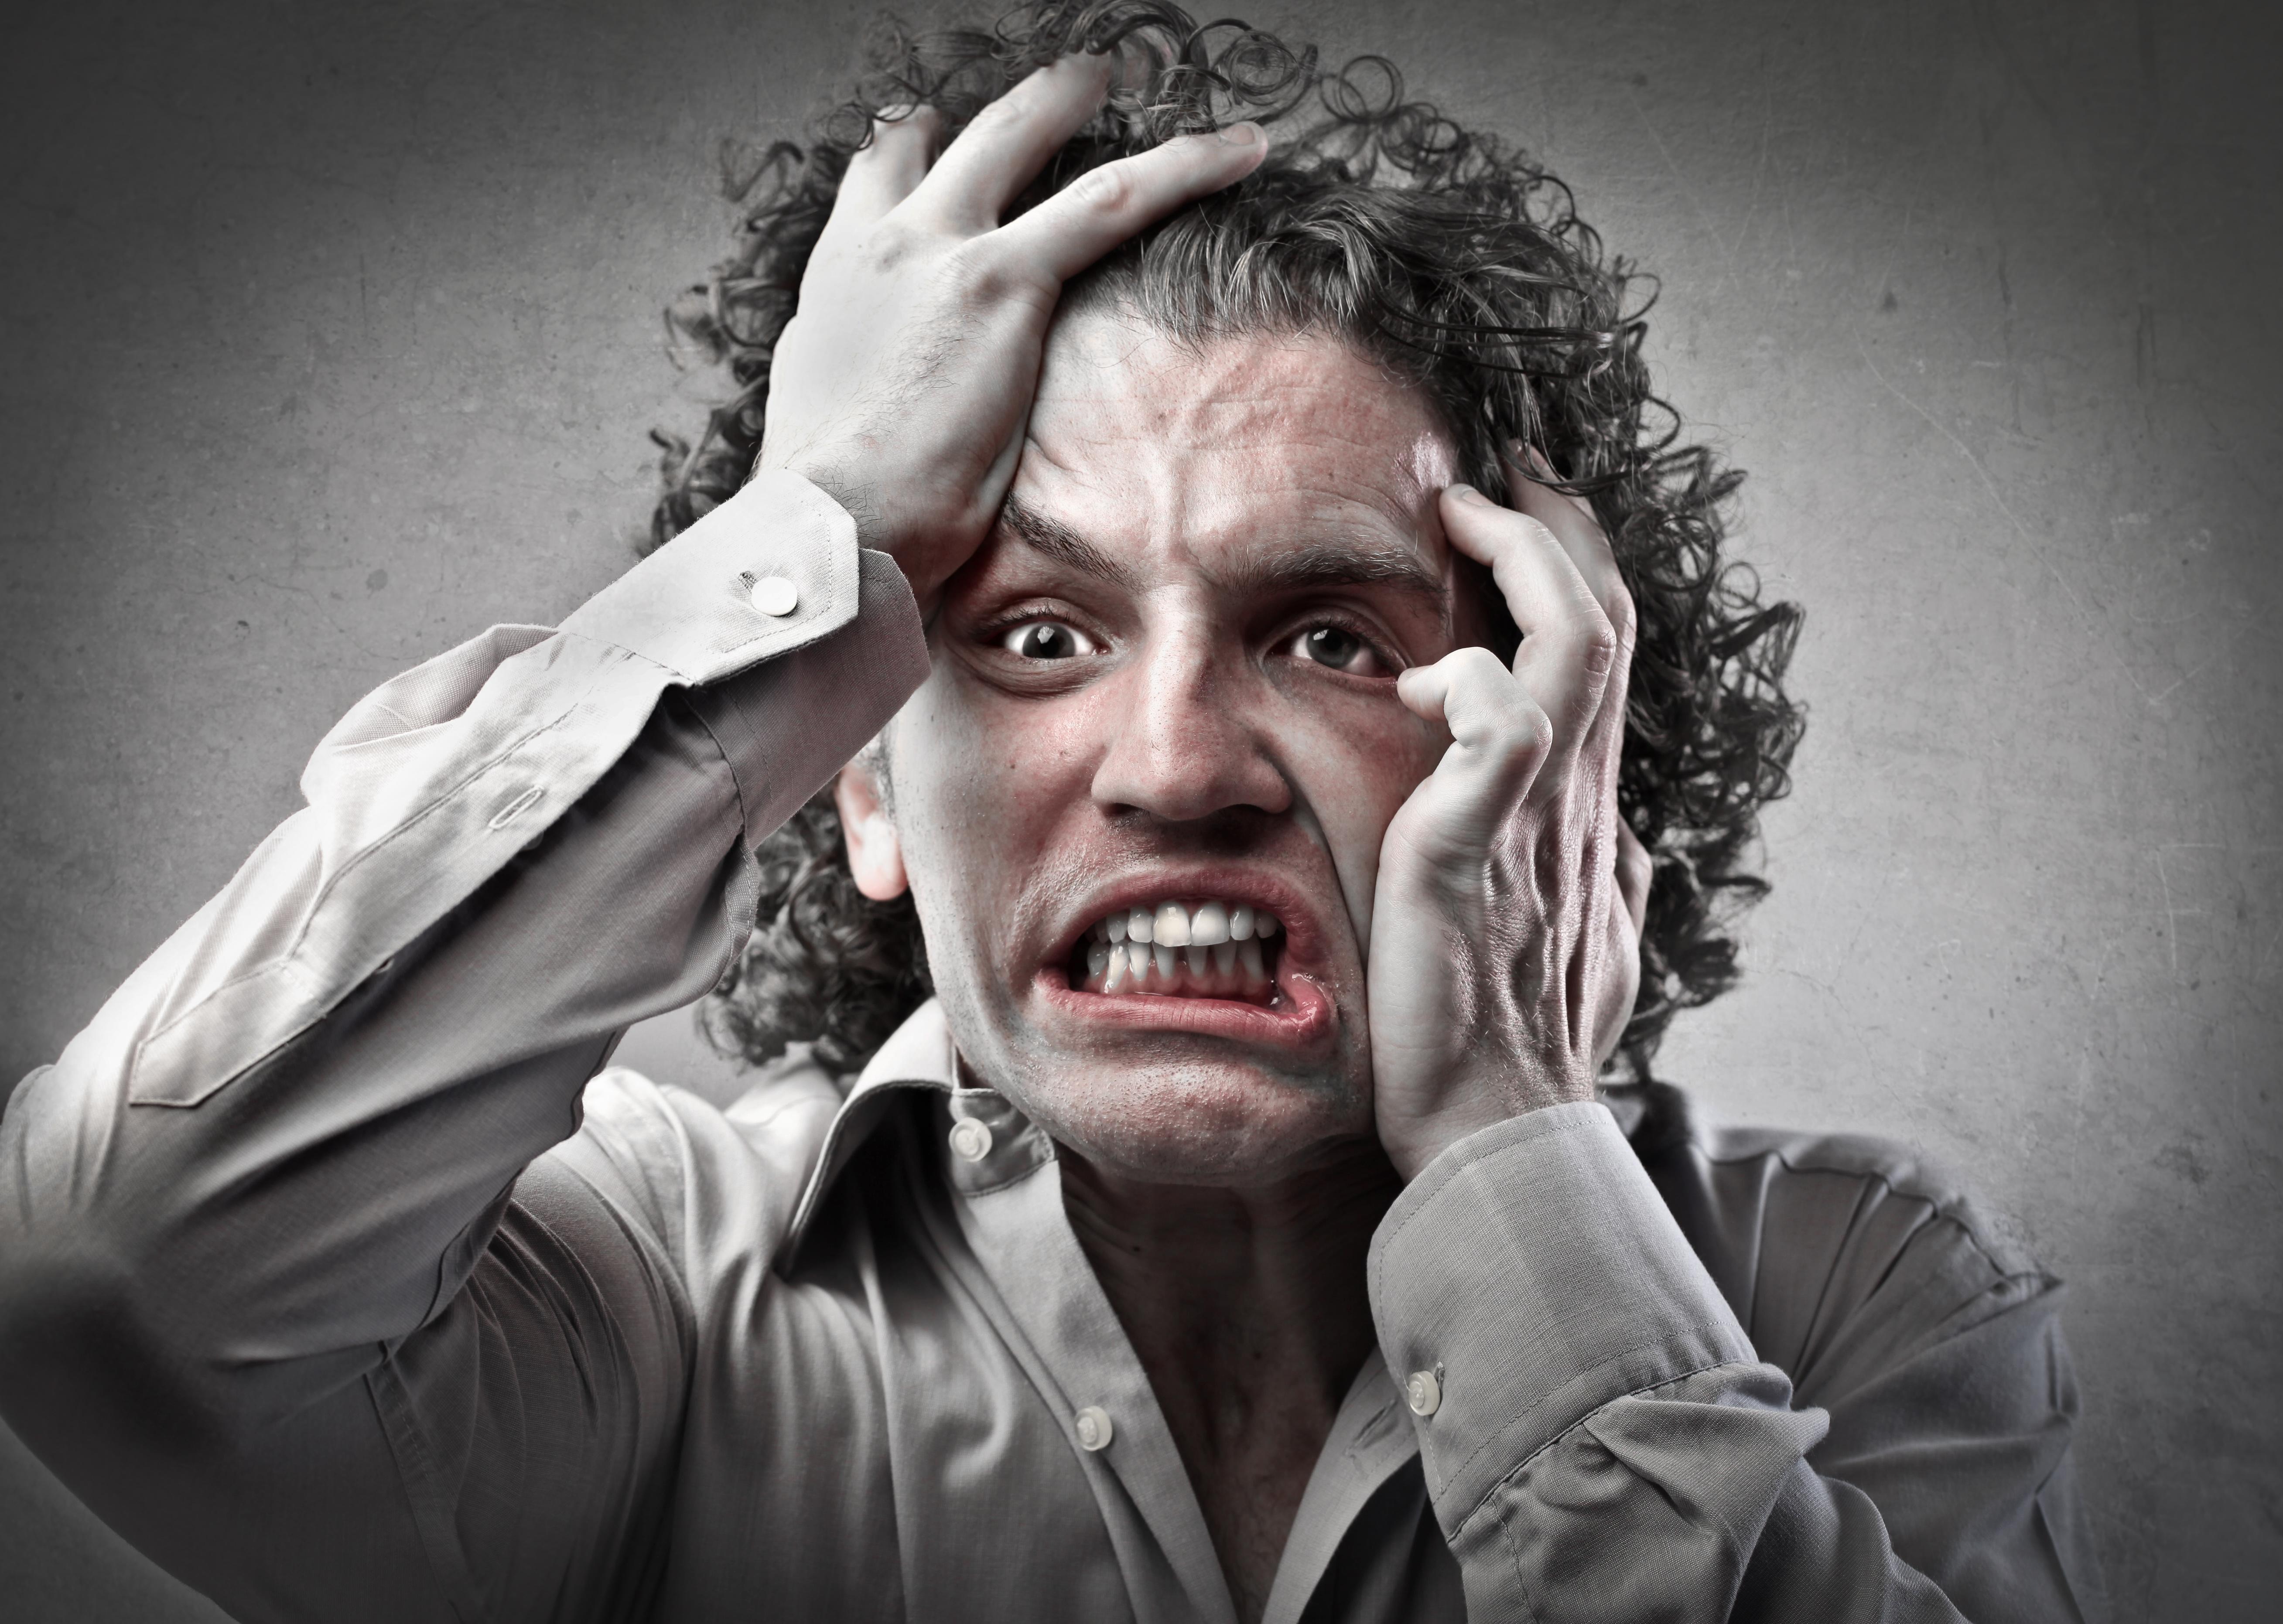 Займы и их признаки шизофрении